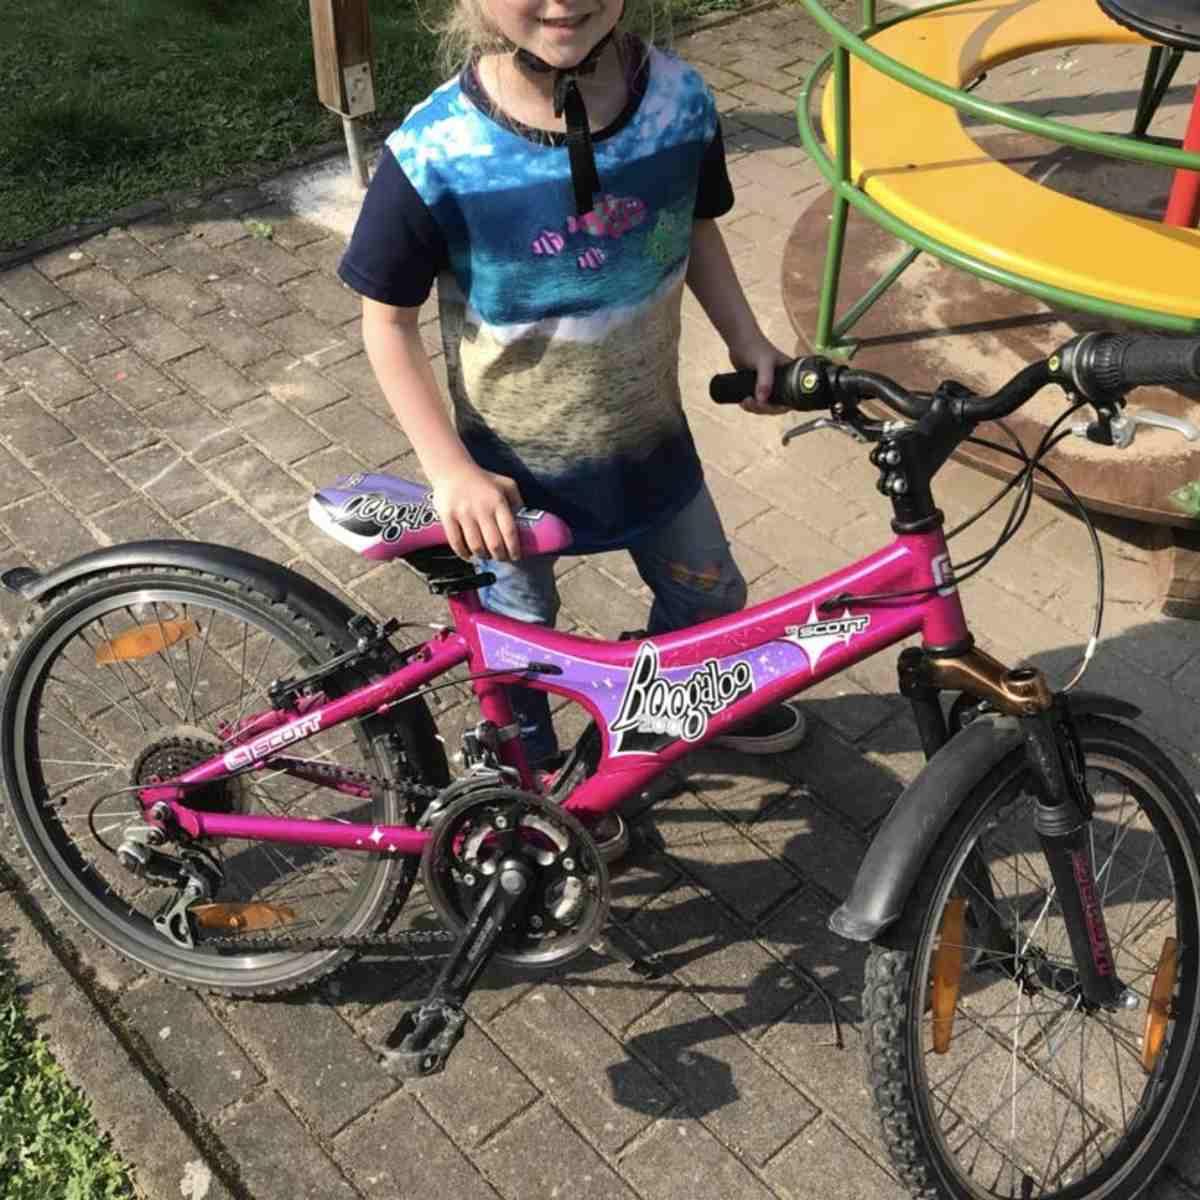 Werbung – Fahrradfahren lernen leicht gemacht